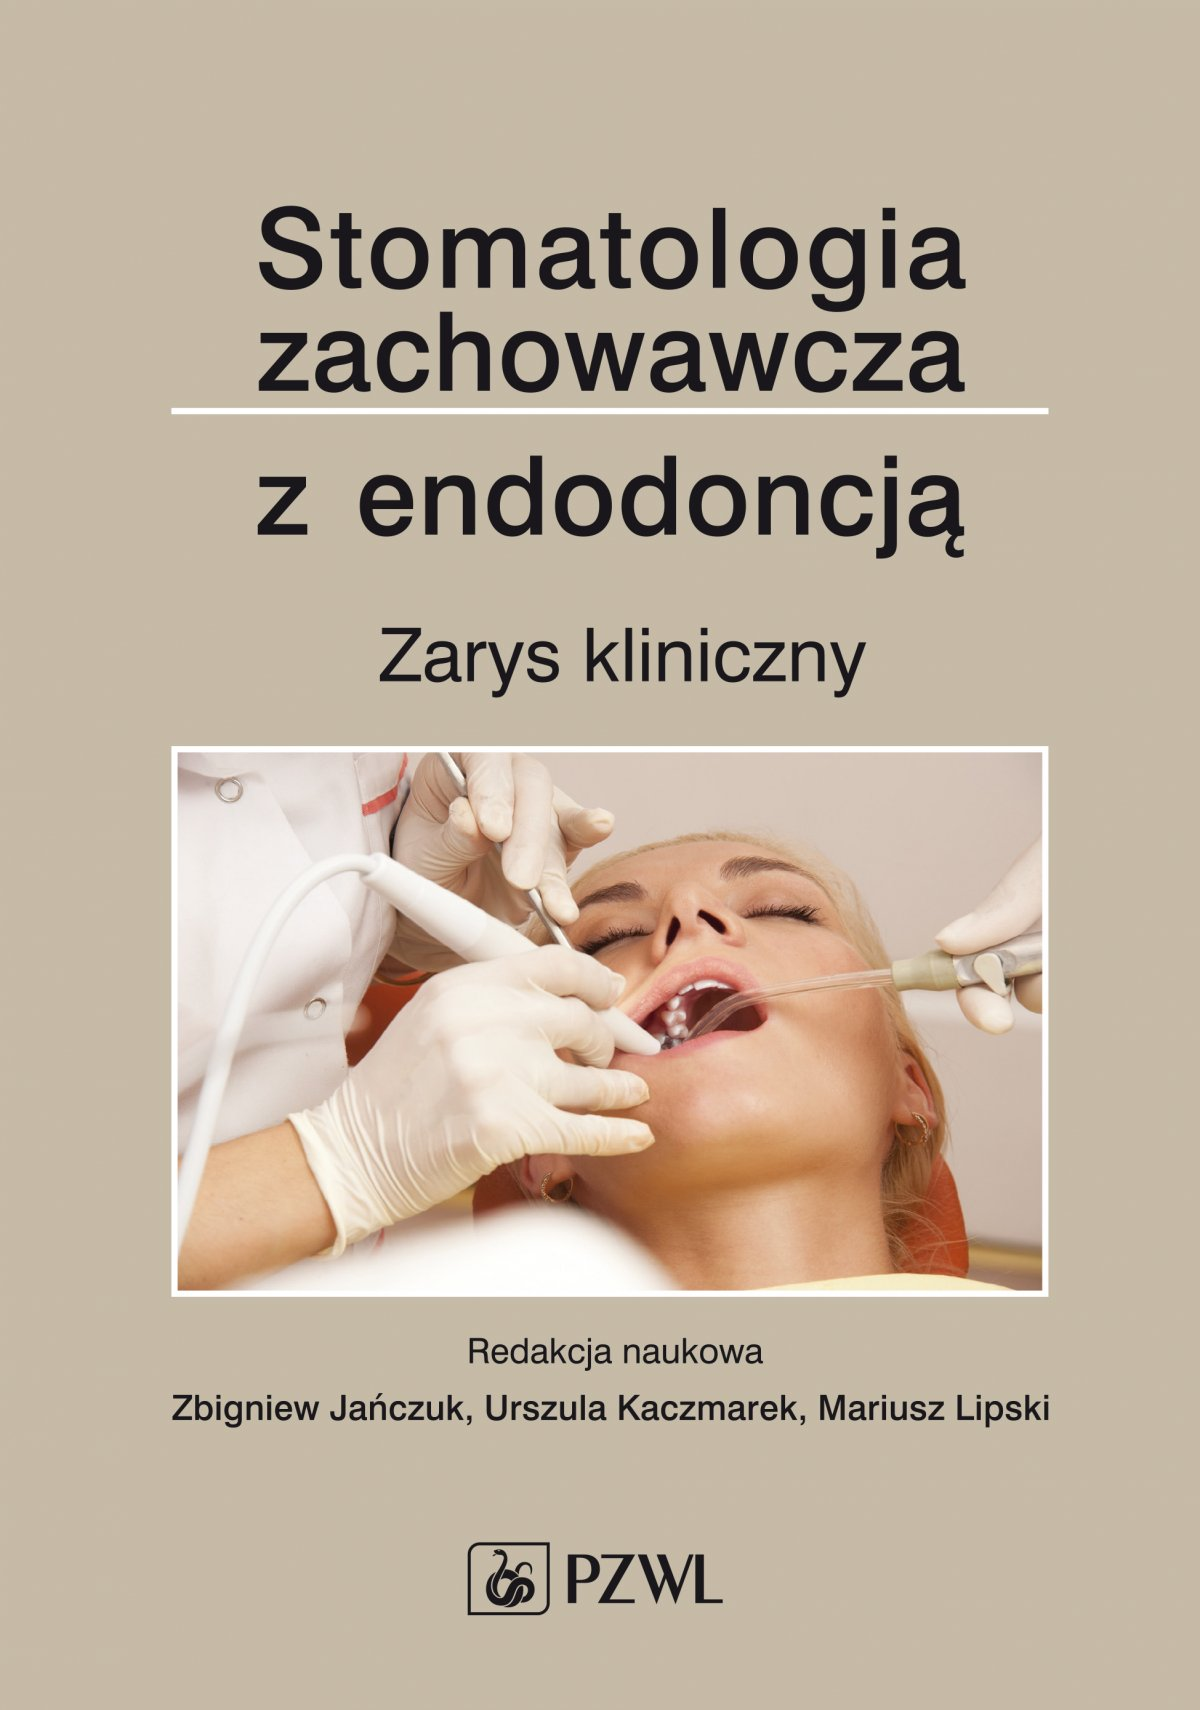 Stomatologia zachowawcza z endodoncją. Zarys kliniczny - Ebook (Książka na Kindle) do pobrania w formacie MOBI